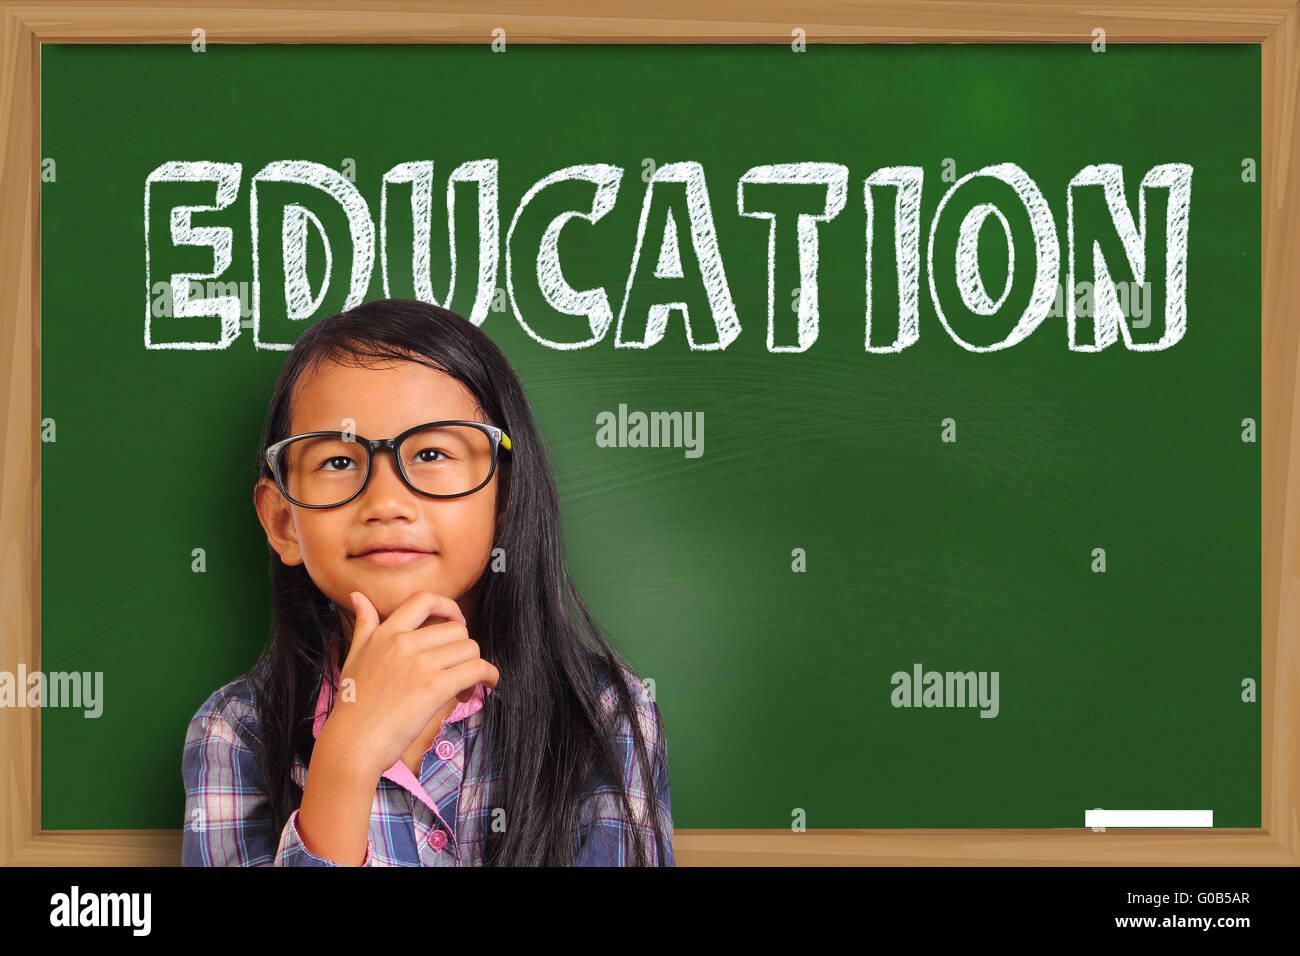 Peu d'étudiant asiatique girl smiling et la réflexion sur l'éducation tableau vert avec word Photo Stock